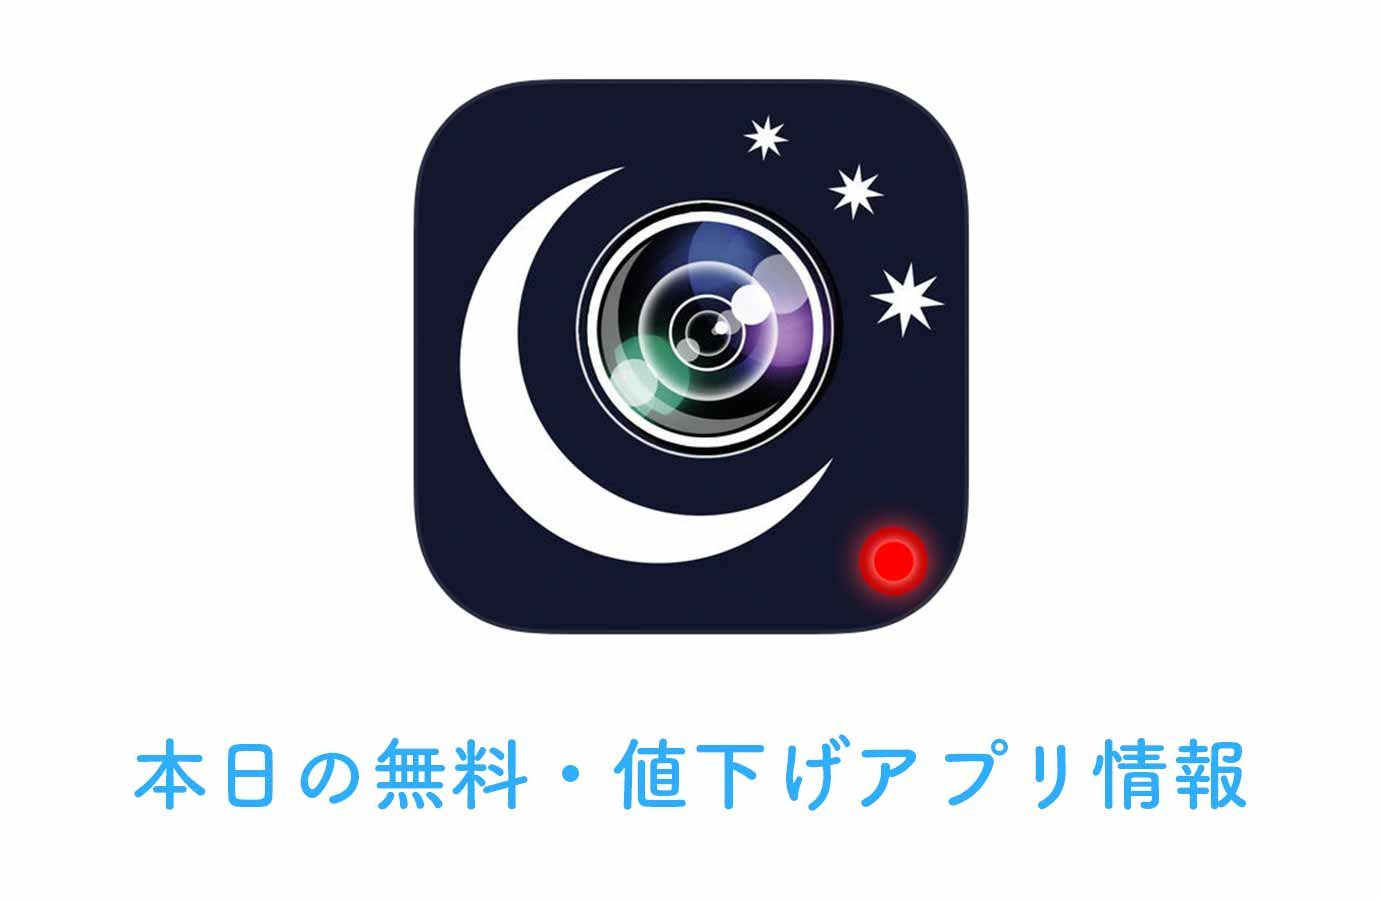 240円→無料、夜景撮影にフォーカスしたカメラアプリ「Night Mode Camera」など【5/28】本日の無料・値下げアプリ情報